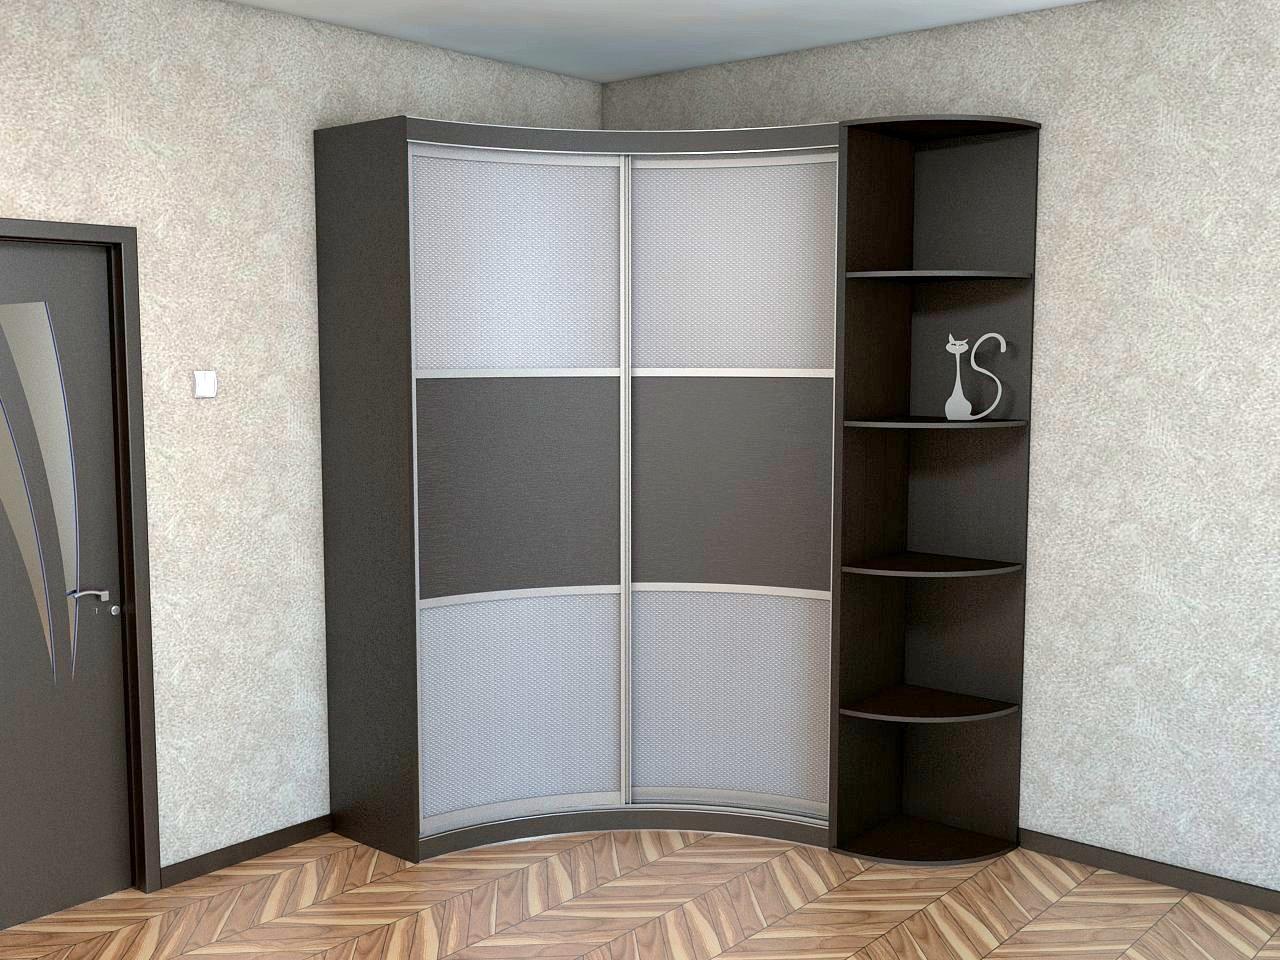 Как сделать шкаф купе своими руками из гипсокартона пошаговая инструкция фото 313